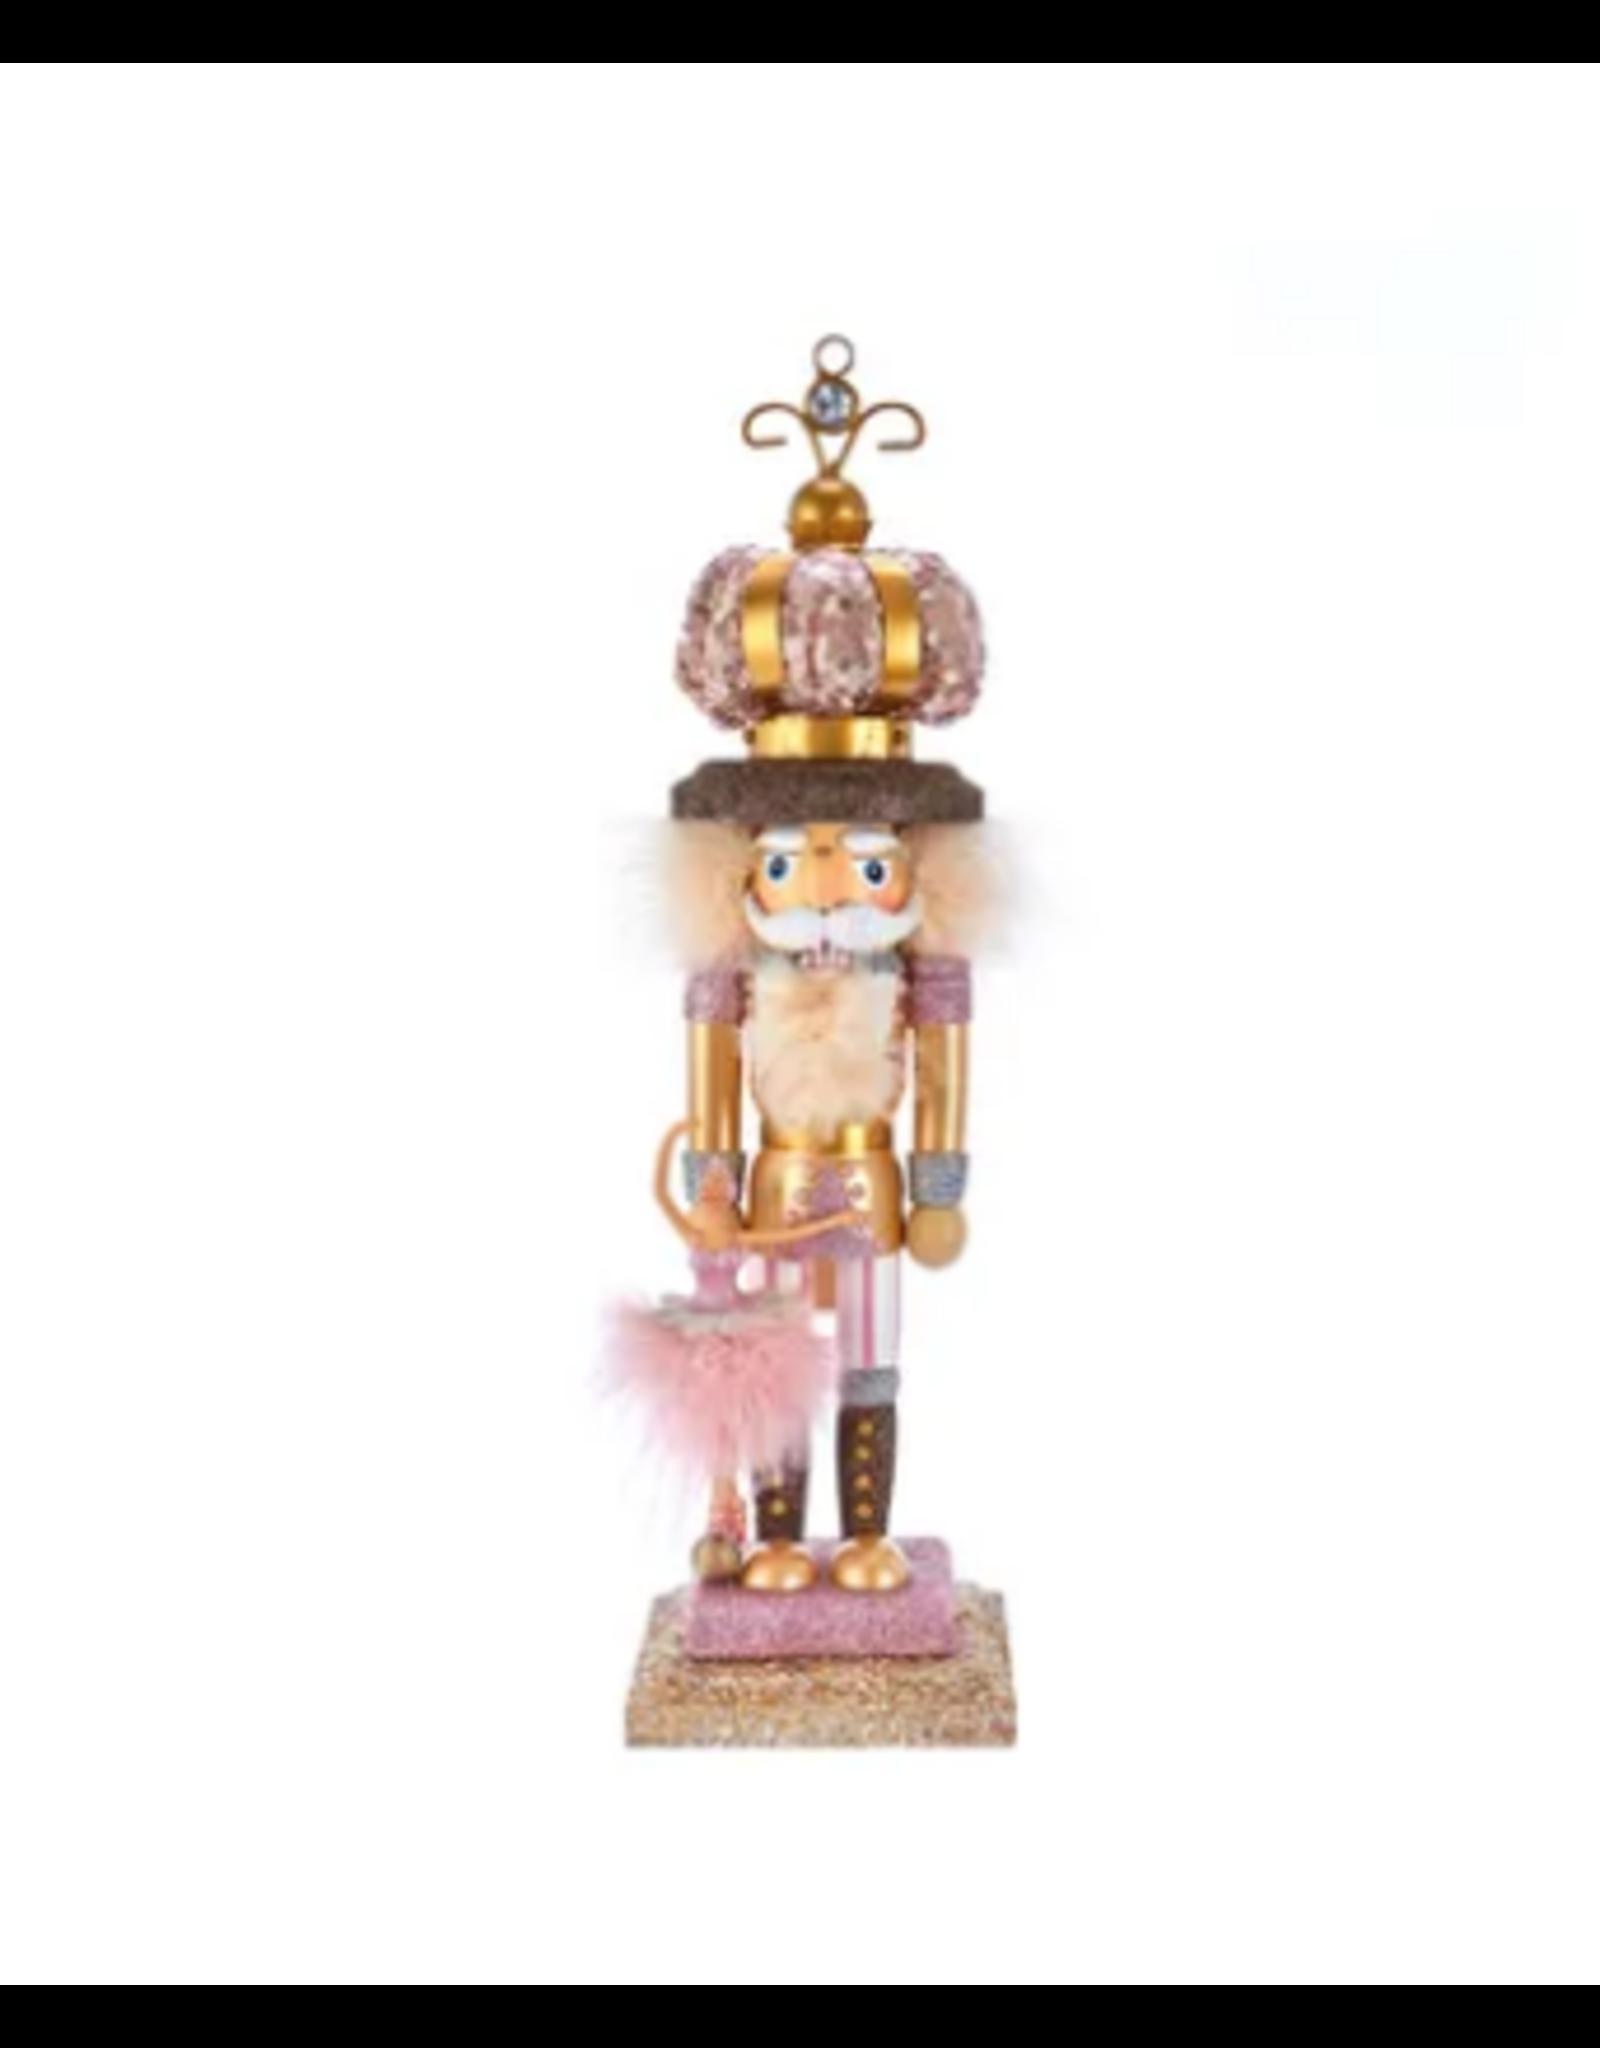 Kurt S. Adler Rose Gold Ballet King Nutcracker